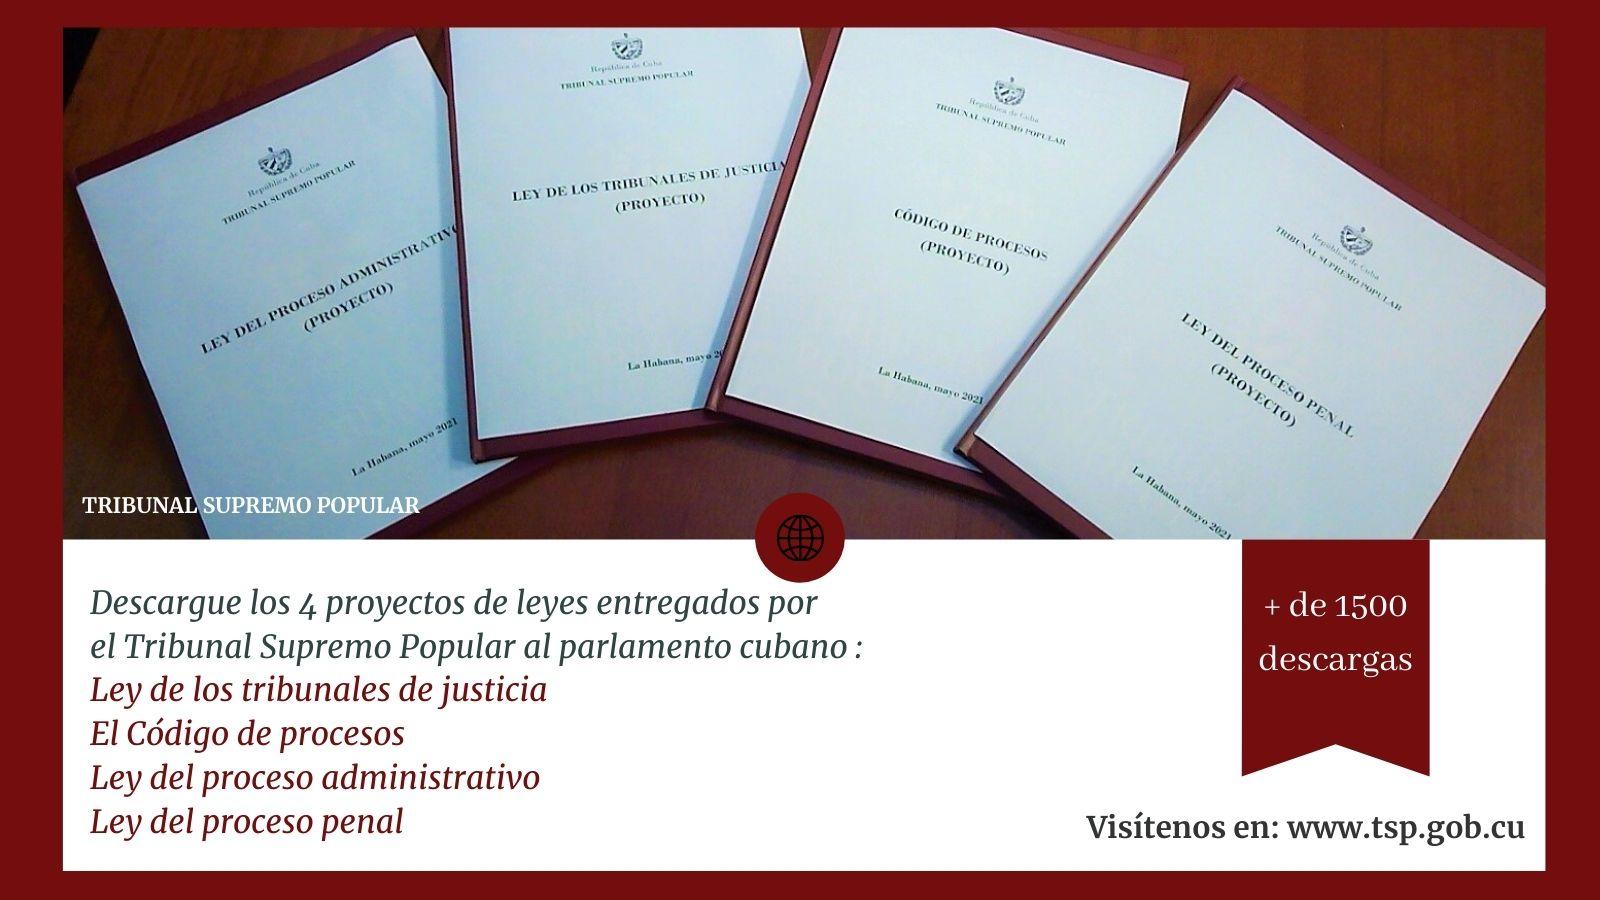 Analizan juristas camagüeyanos anteproyectos de leyes presentados por el Tribunal Supremo Popular